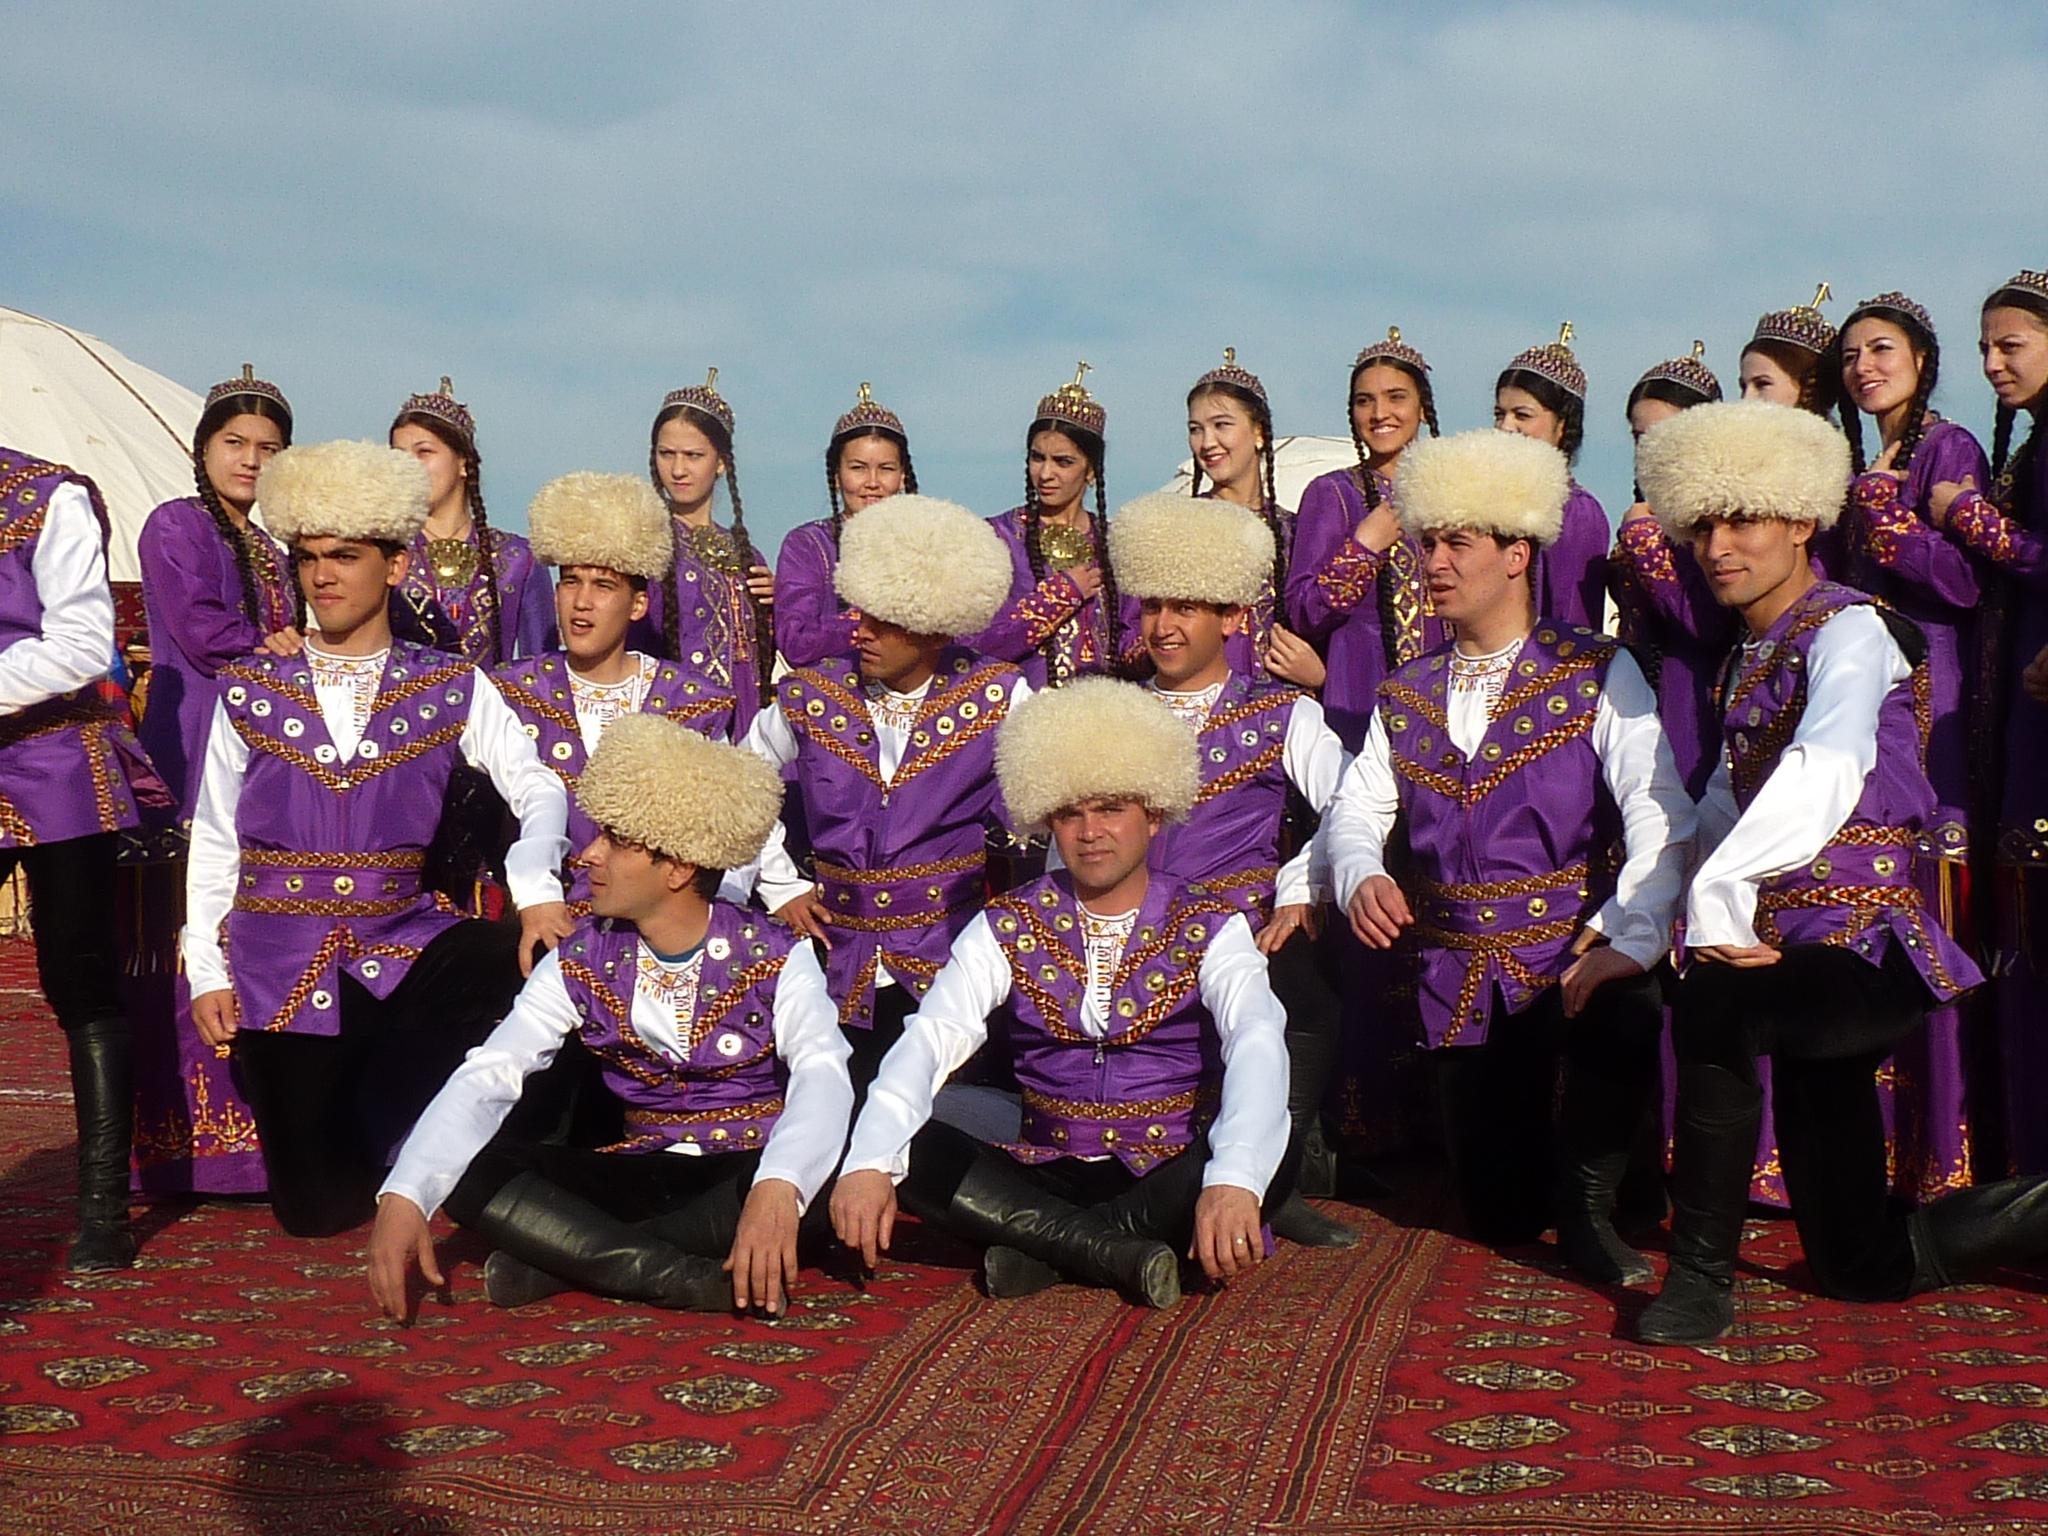 turkmen1